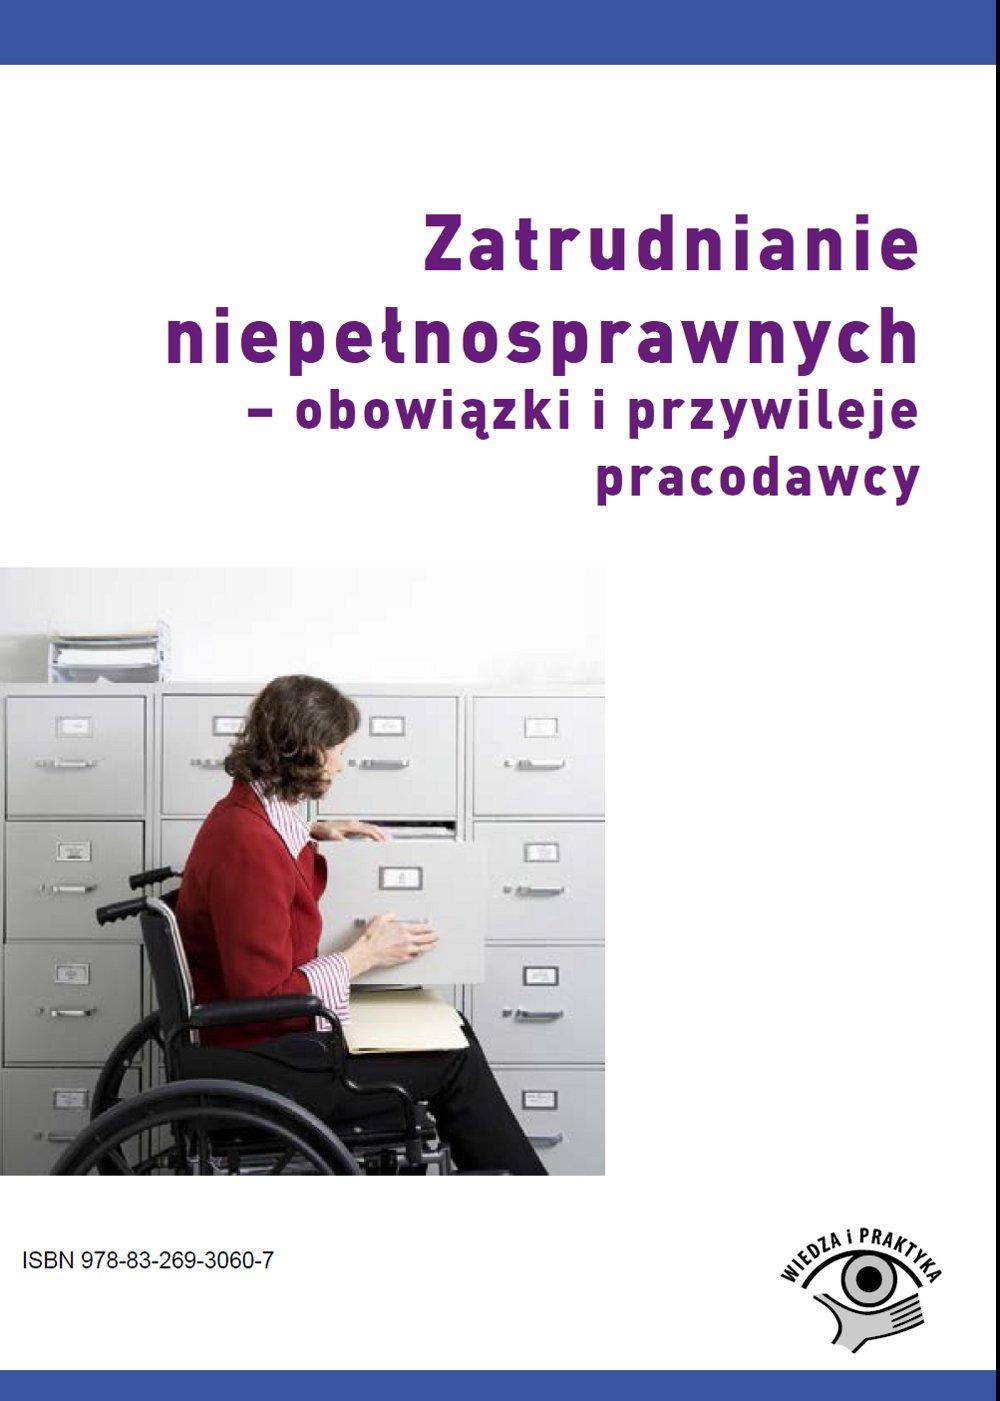 Zatrudnianie niepełnosprawnych - obowiązki i przywileje pracodawcy - Ebook (Książka PDF) do pobrania w formacie PDF